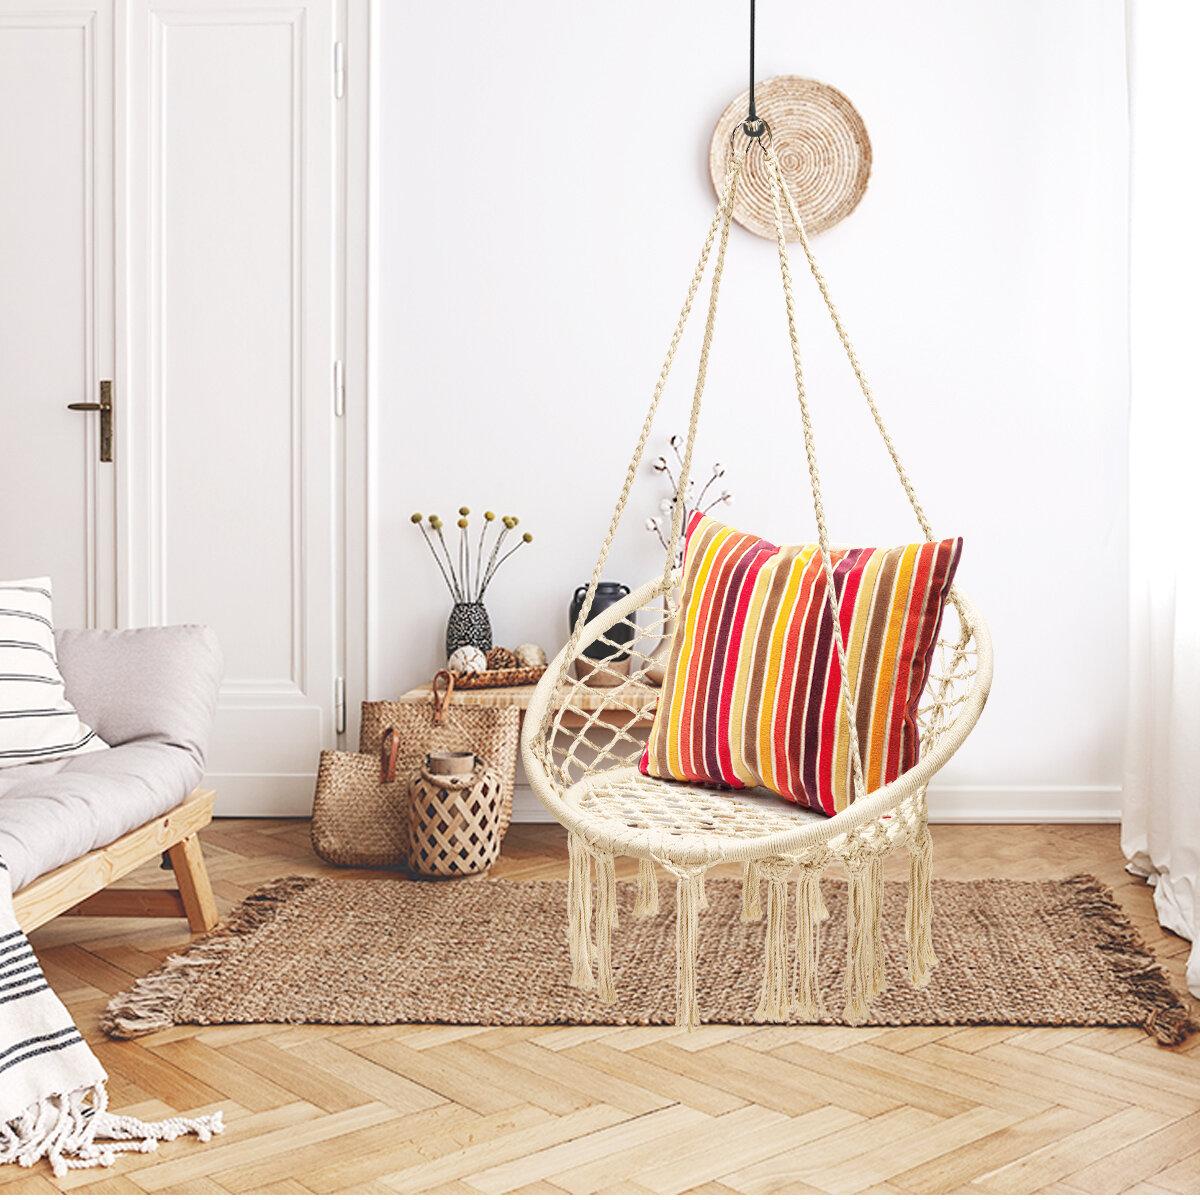 Porqué queremos una silla colgante en casa_19